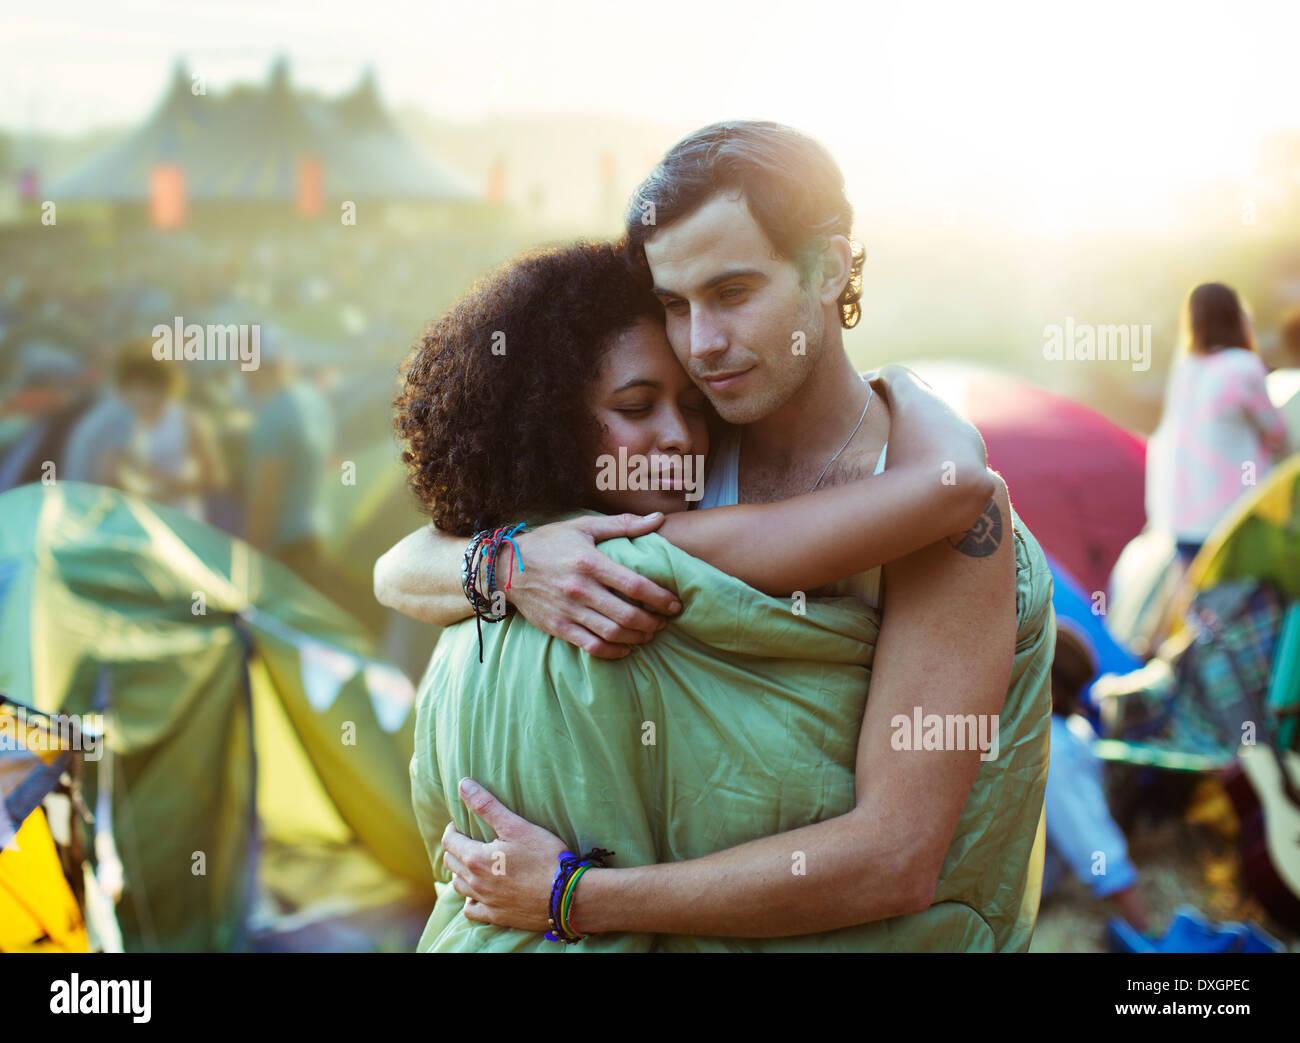 Matura in sacco a pelo abbracciando esterno tende a music festival Immagini Stock